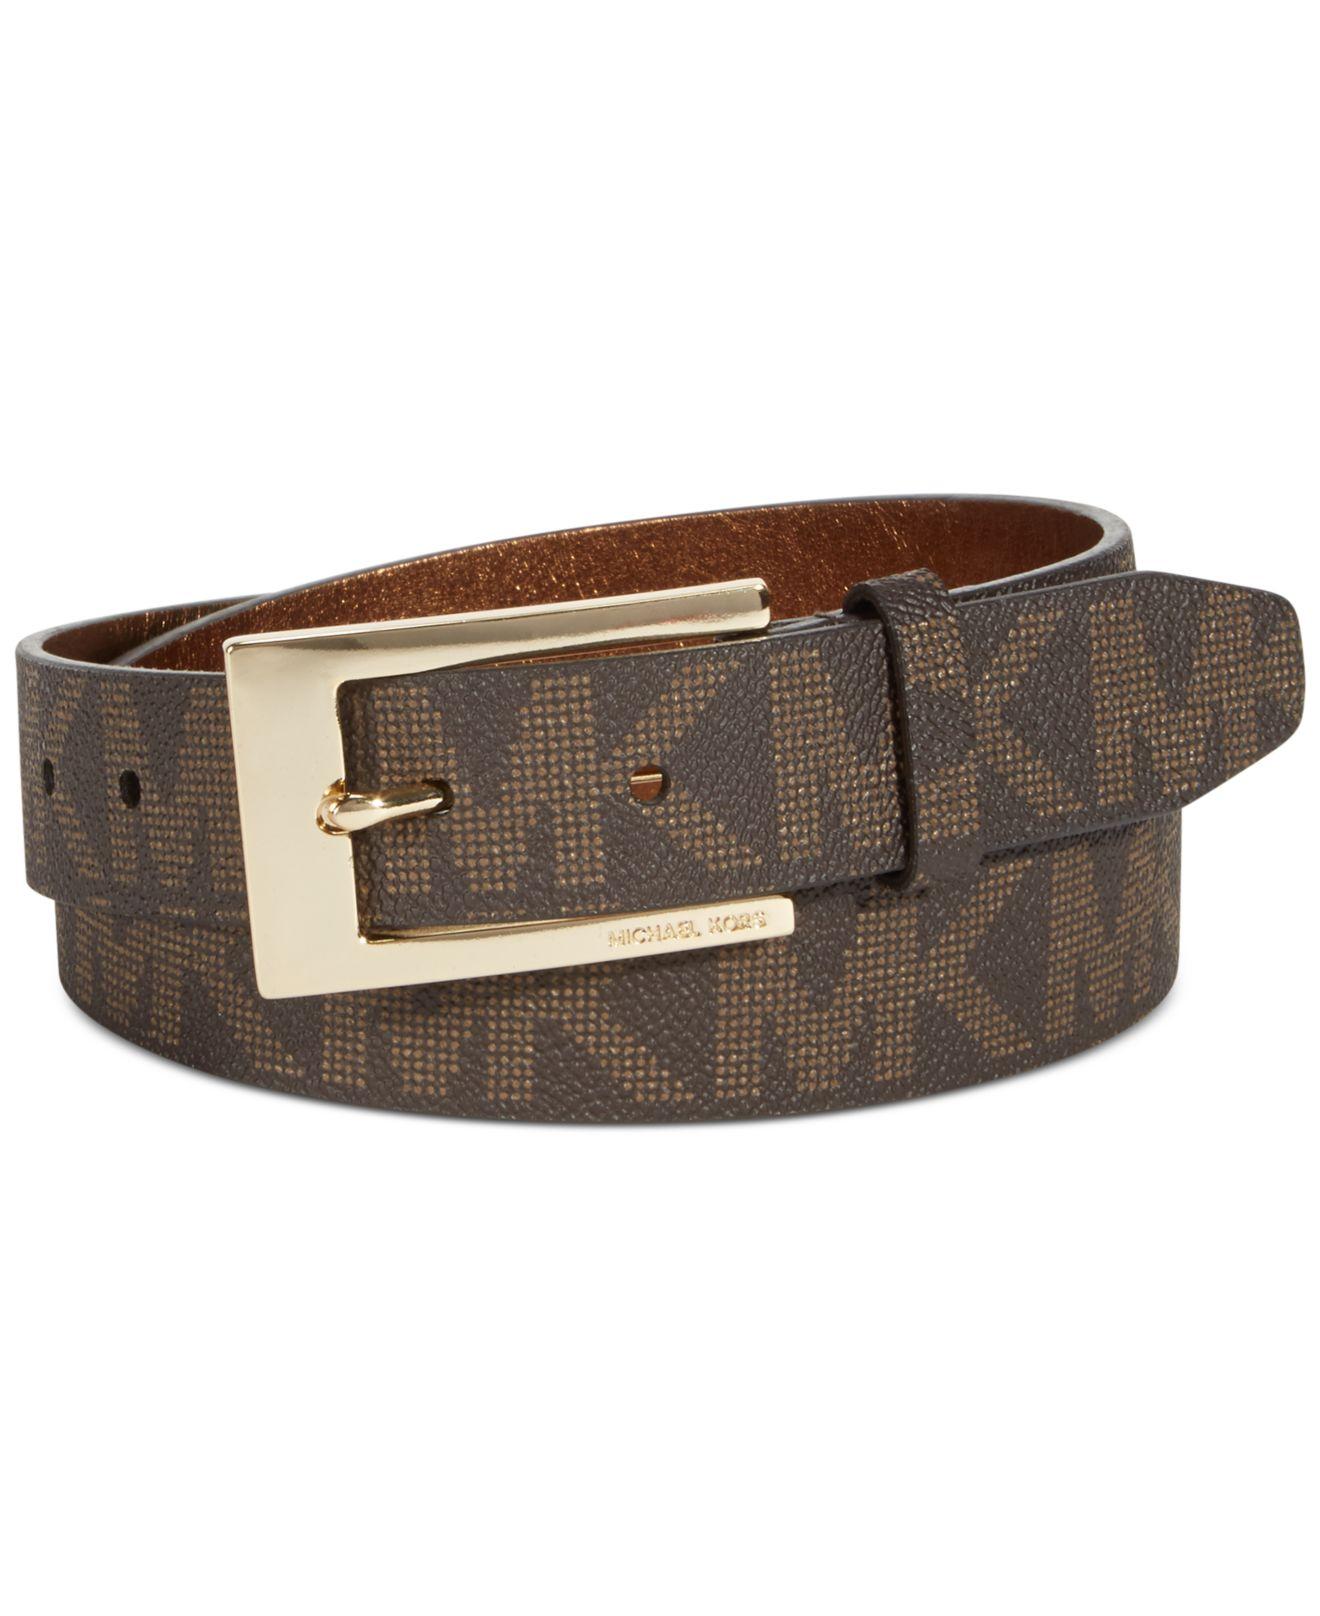 michael kors michael logo belt with plaque buckle in brown